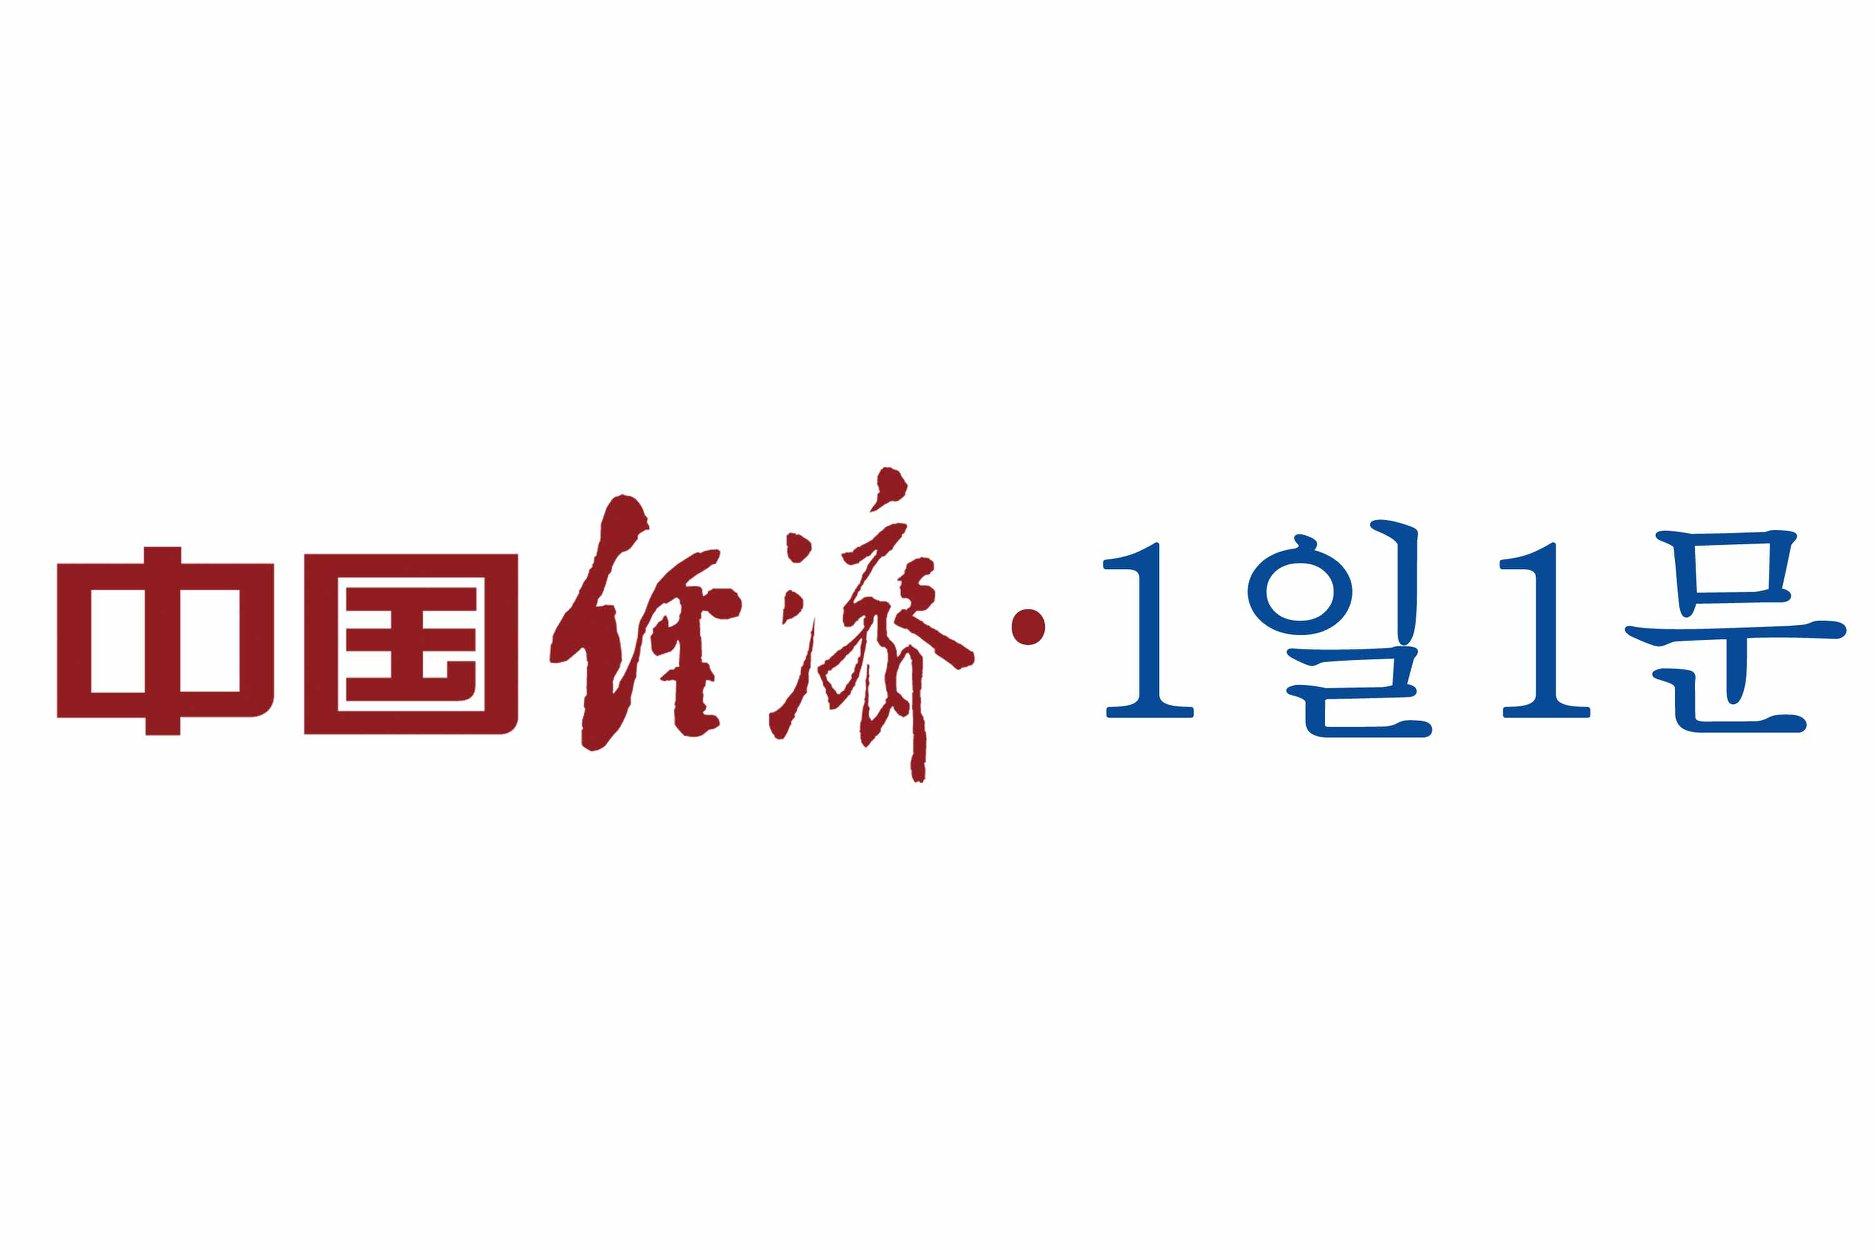 [중국경제 1일1문] 新전자상거래법은 한국 화장품 대리구매에 조력 아니면 타격?